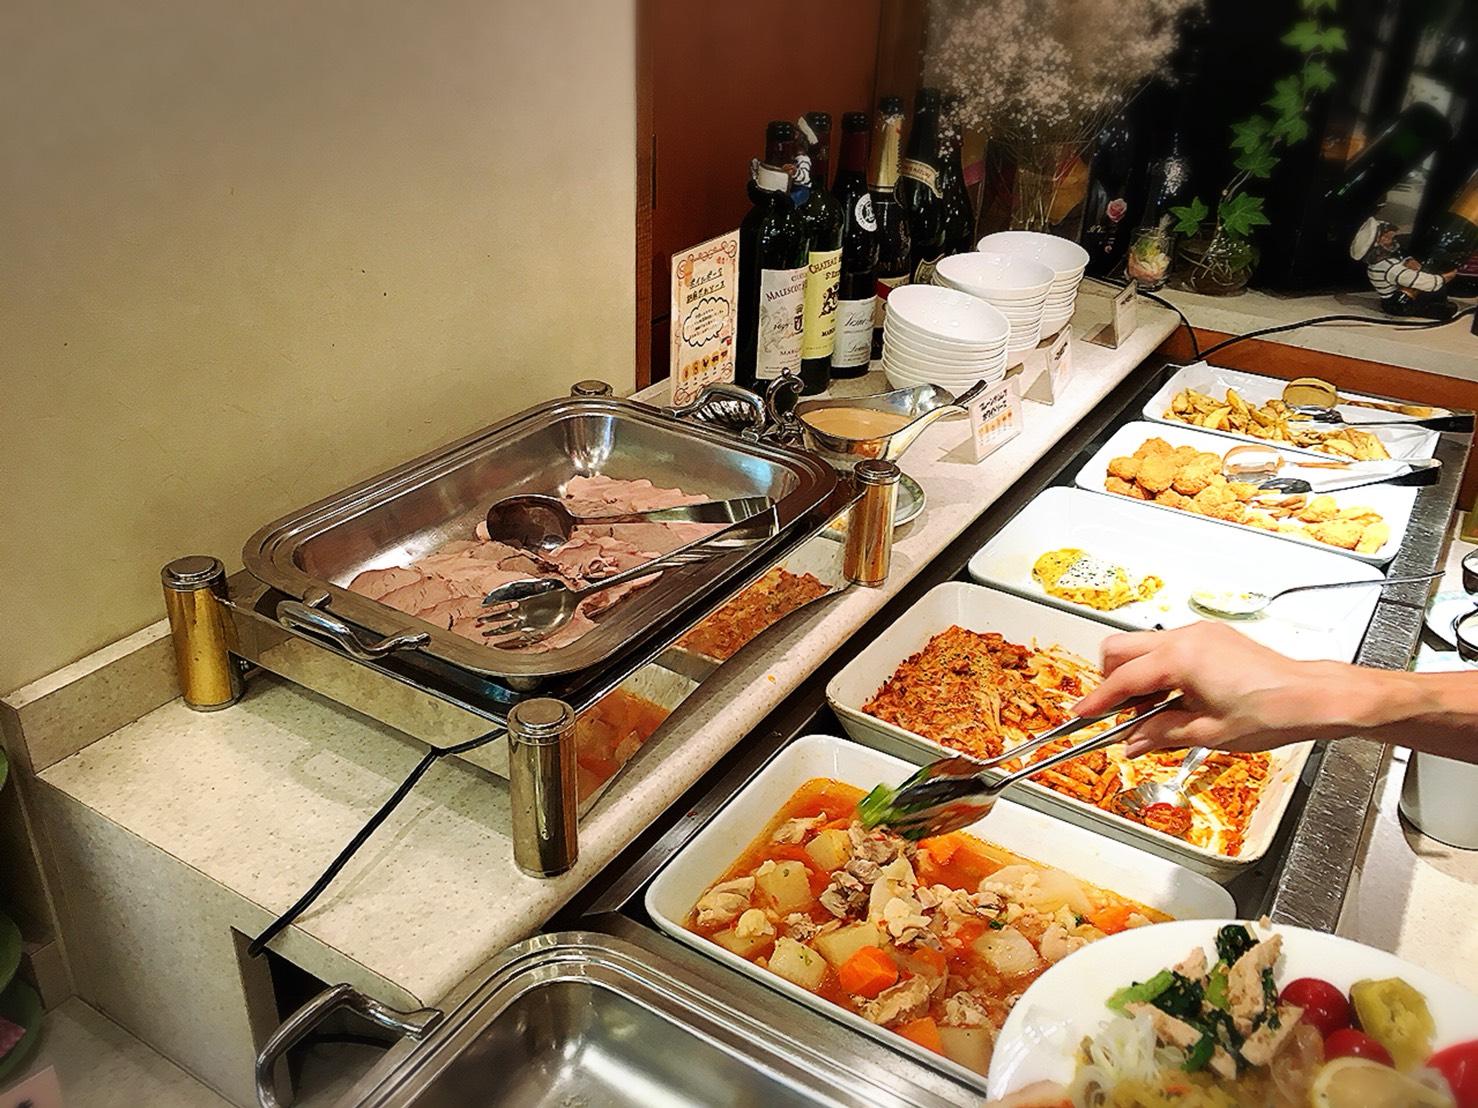 【池袋駅】安くて美味しい超人気ビュッフェ!池袋最強コスパ!?第一イン池袋レストラン「ピノ」のランチビュッフェ4